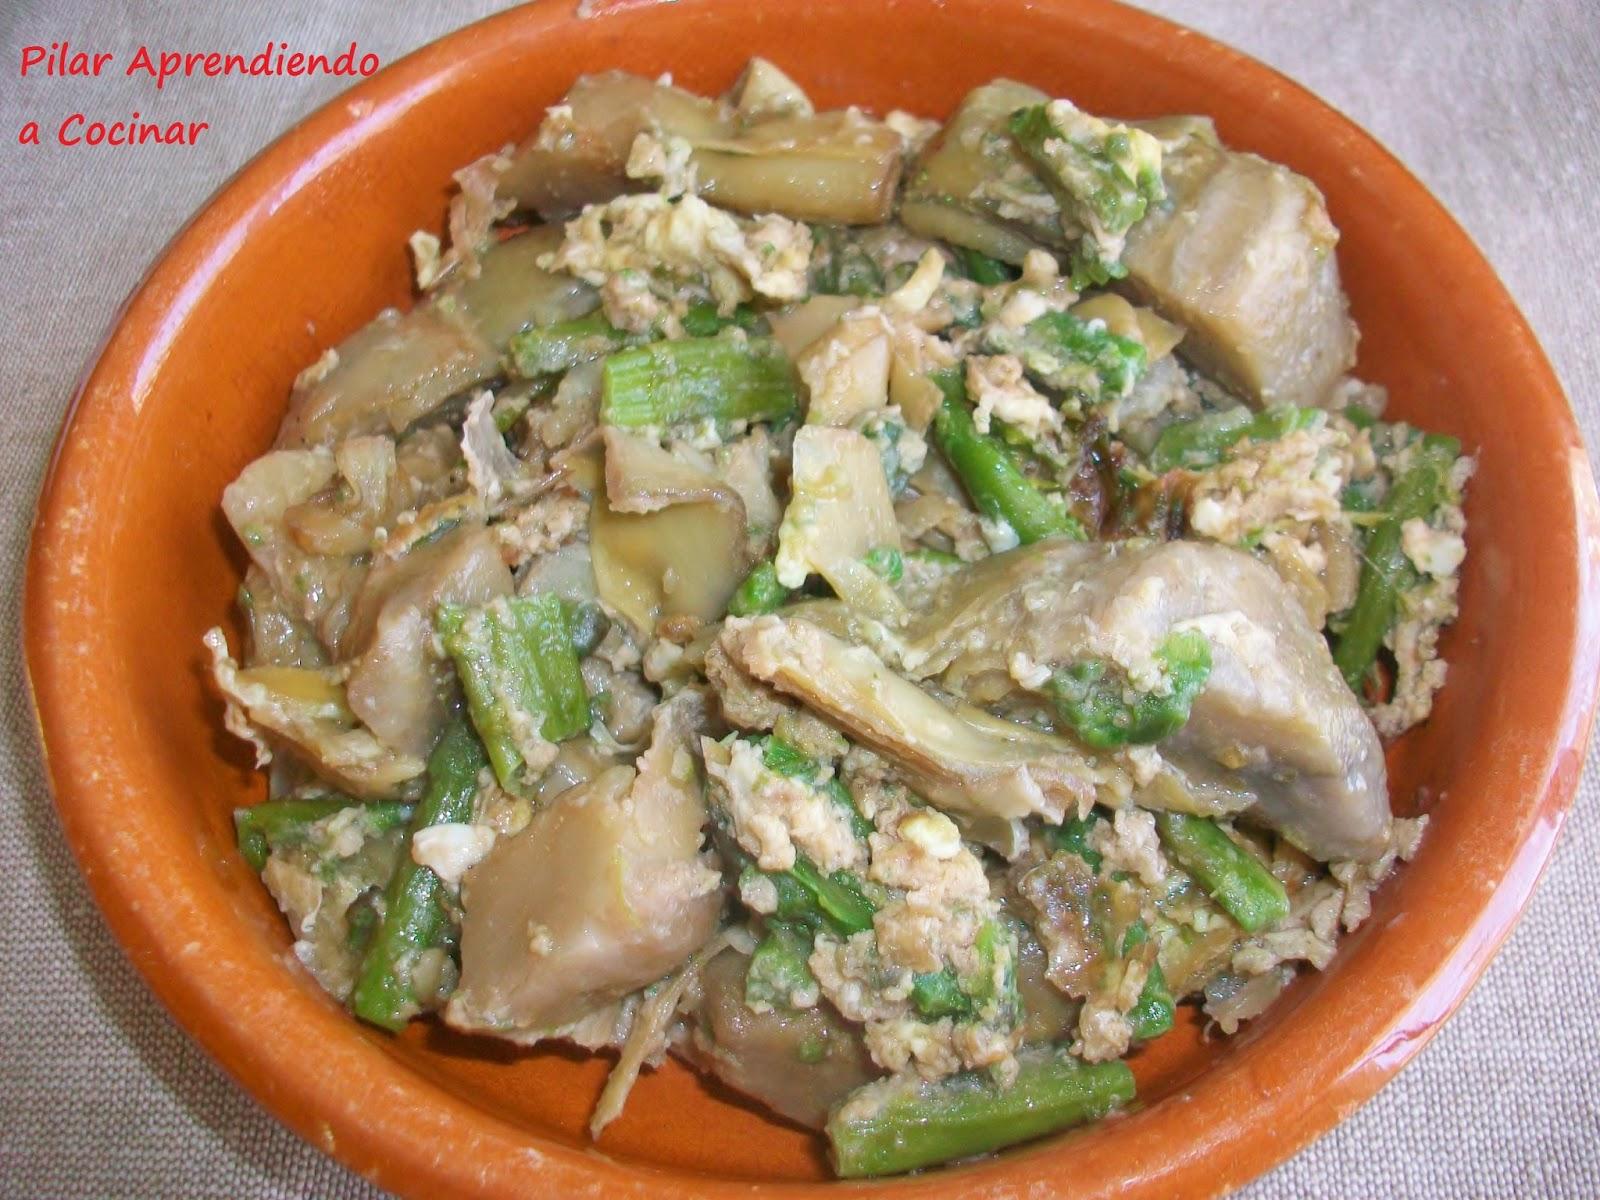 Aprendiendo a cocinar revuelto de corazones de alcachofas for Cocinar alcachofas